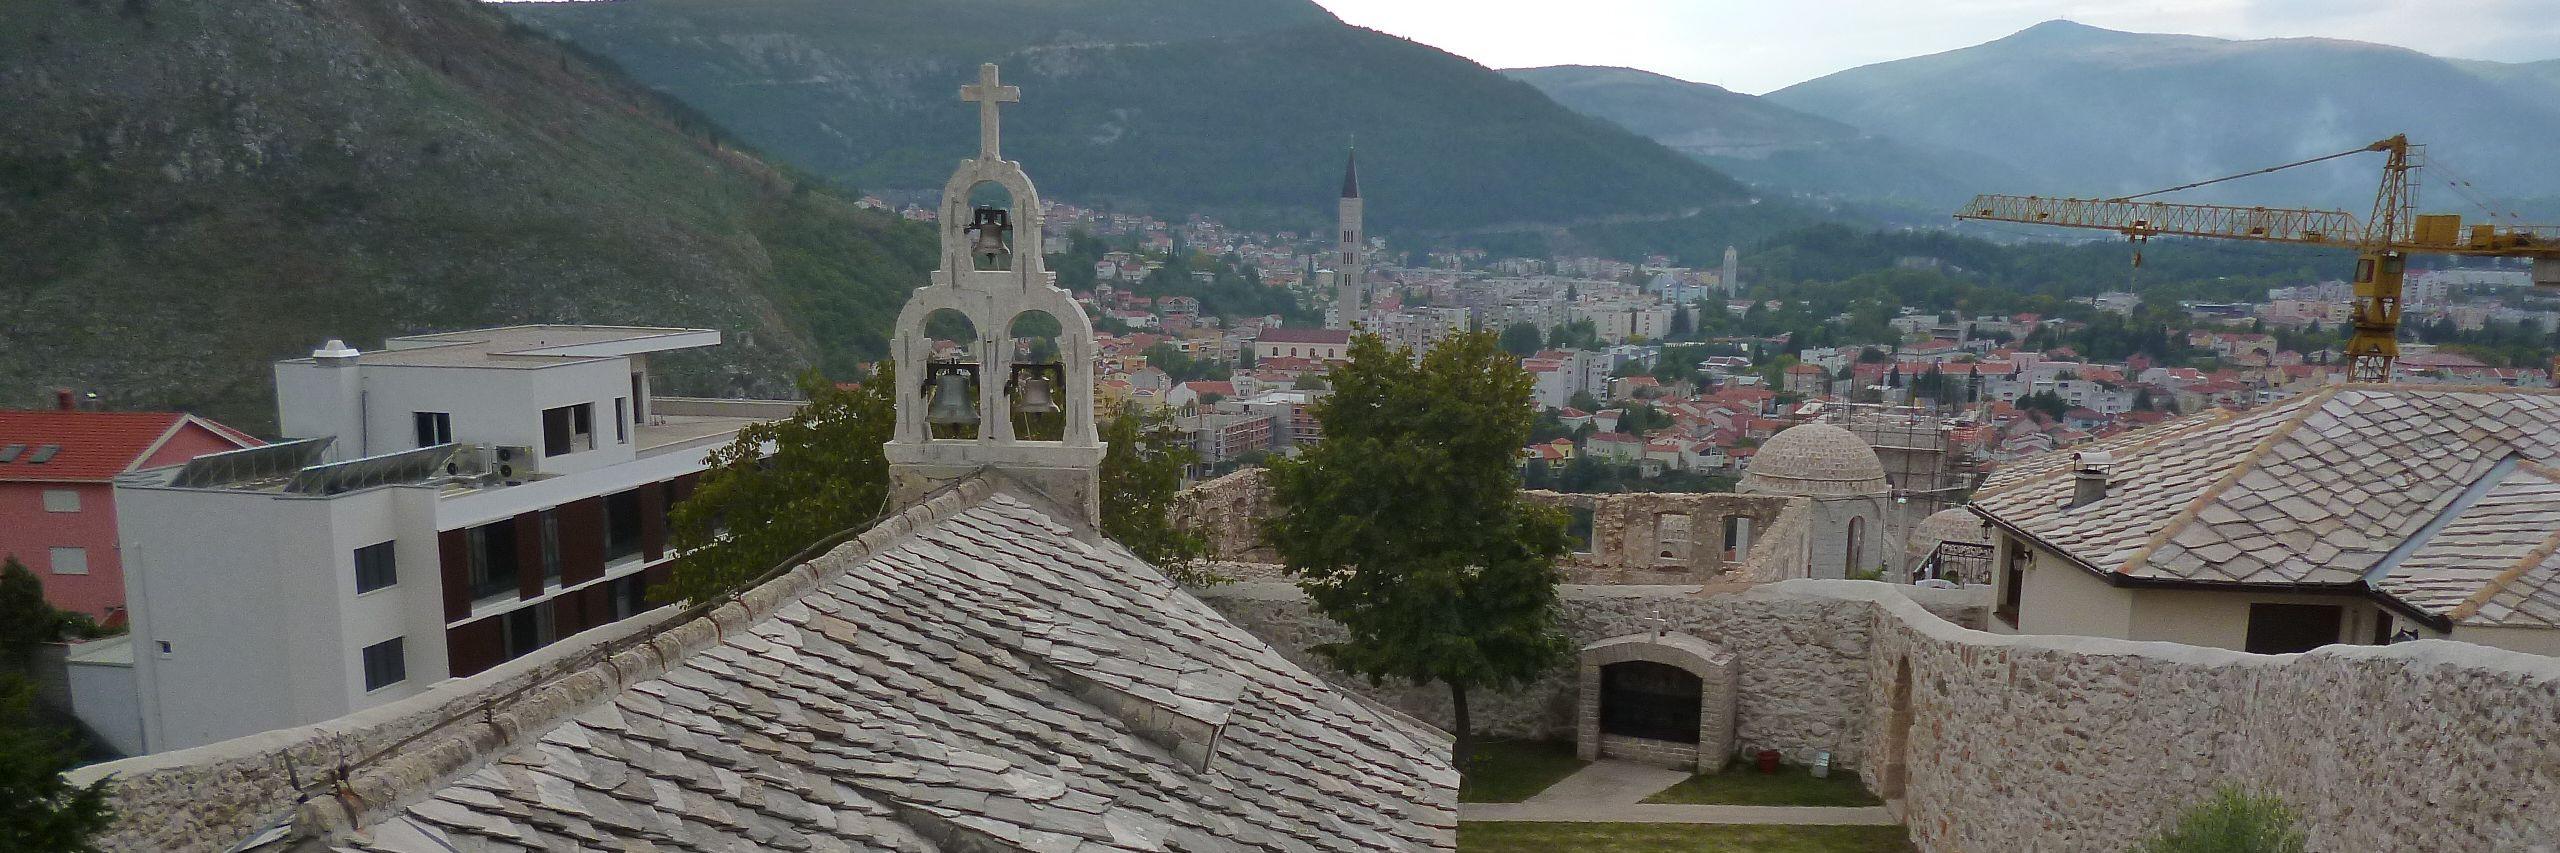 Александр Гильфердинг о православной церкви в Мостаре